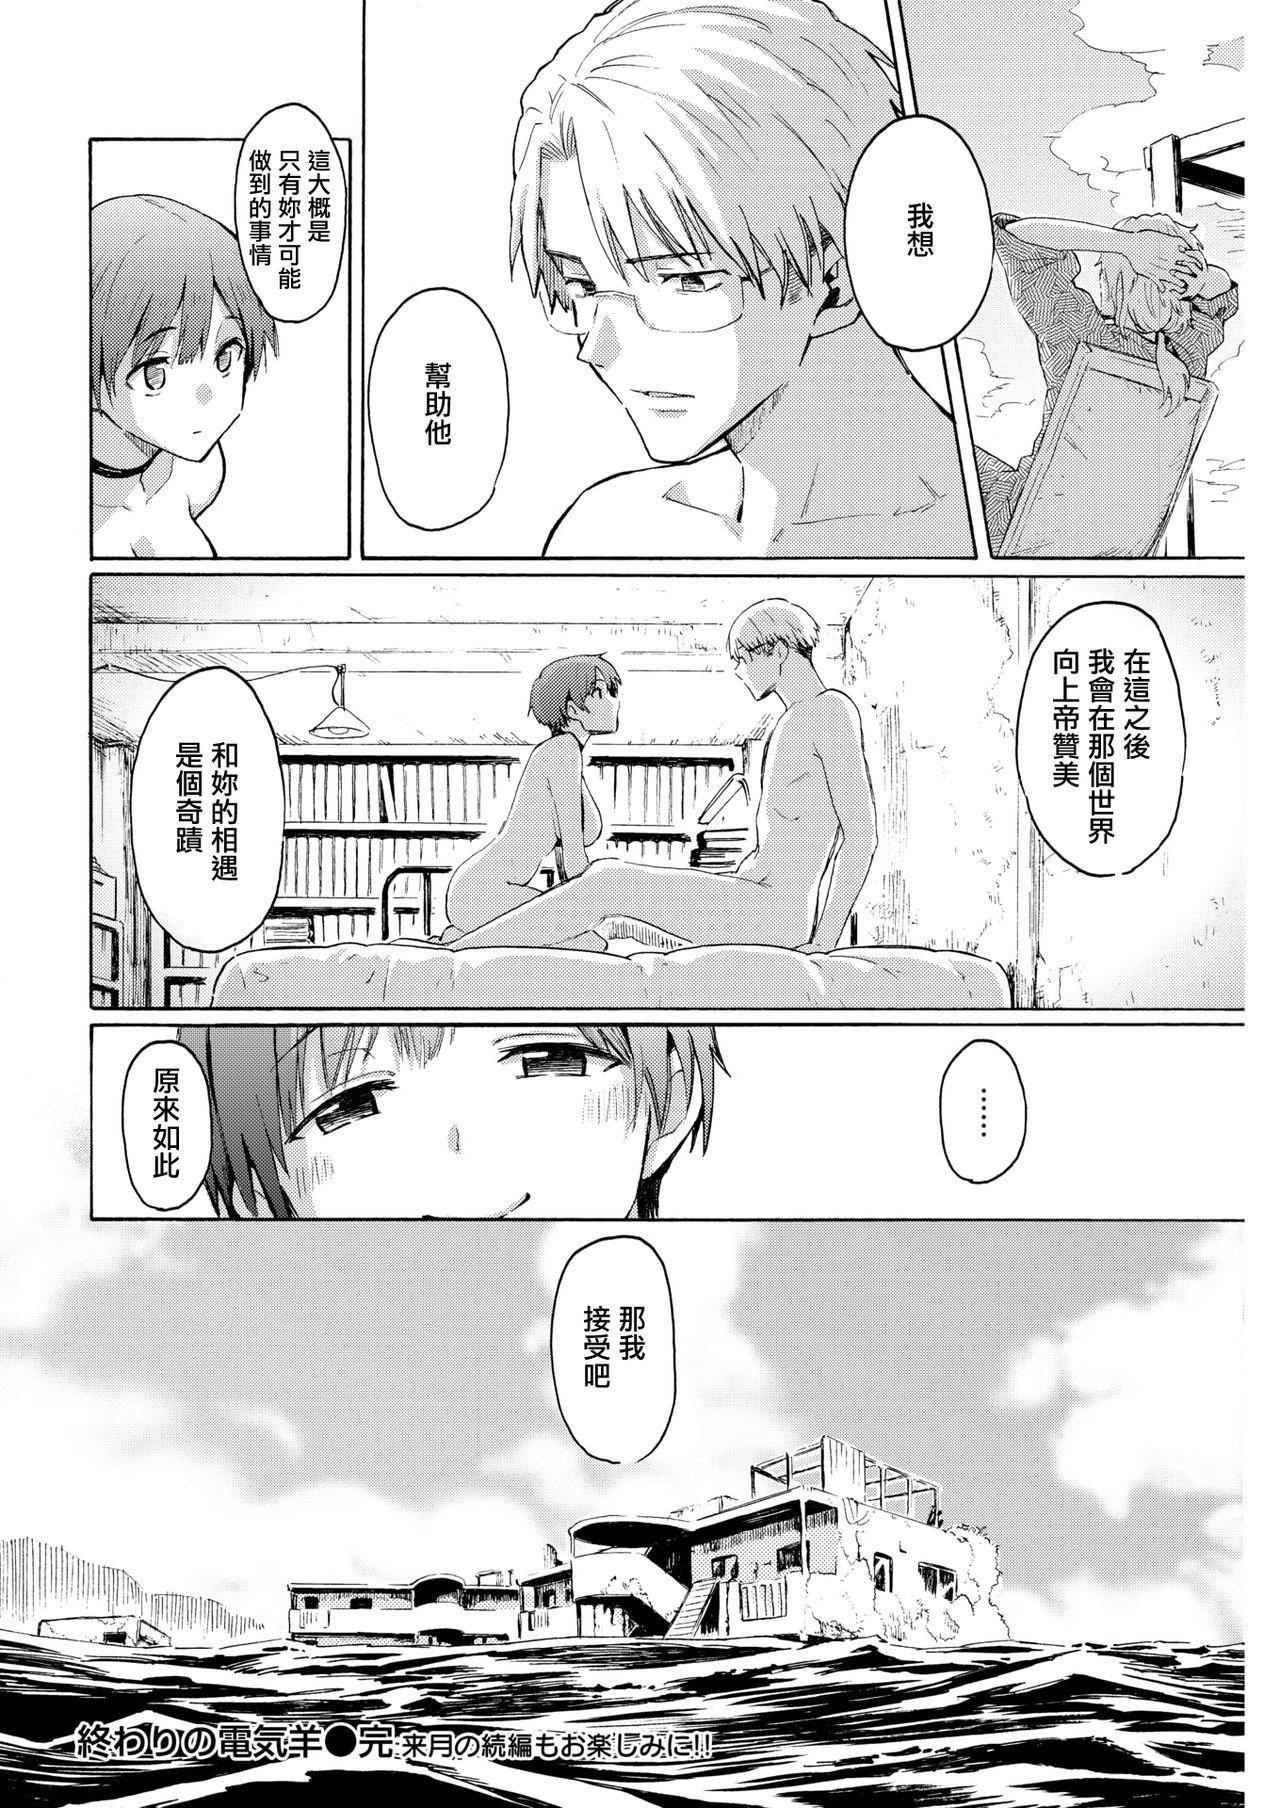 Owari no Denki hitsuji 19